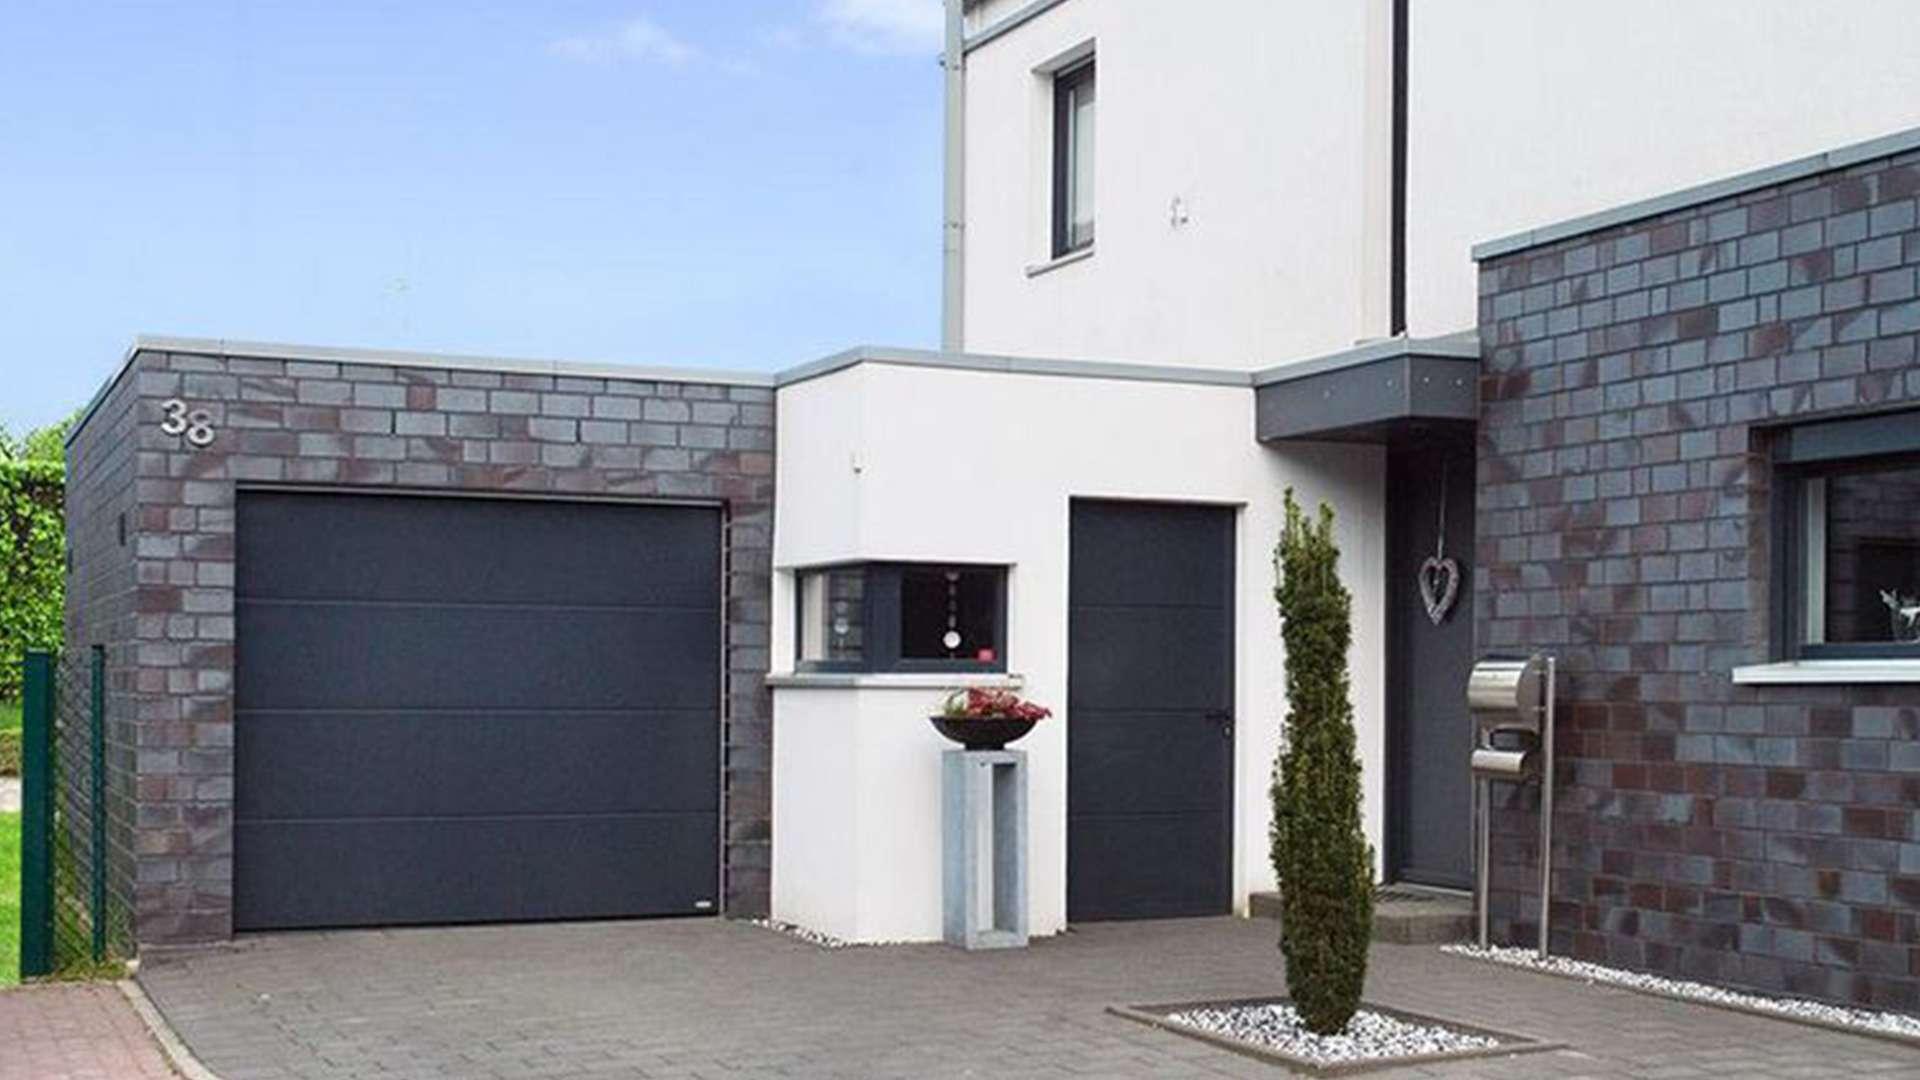 moderner Neubau mit Garage neben der Haustür